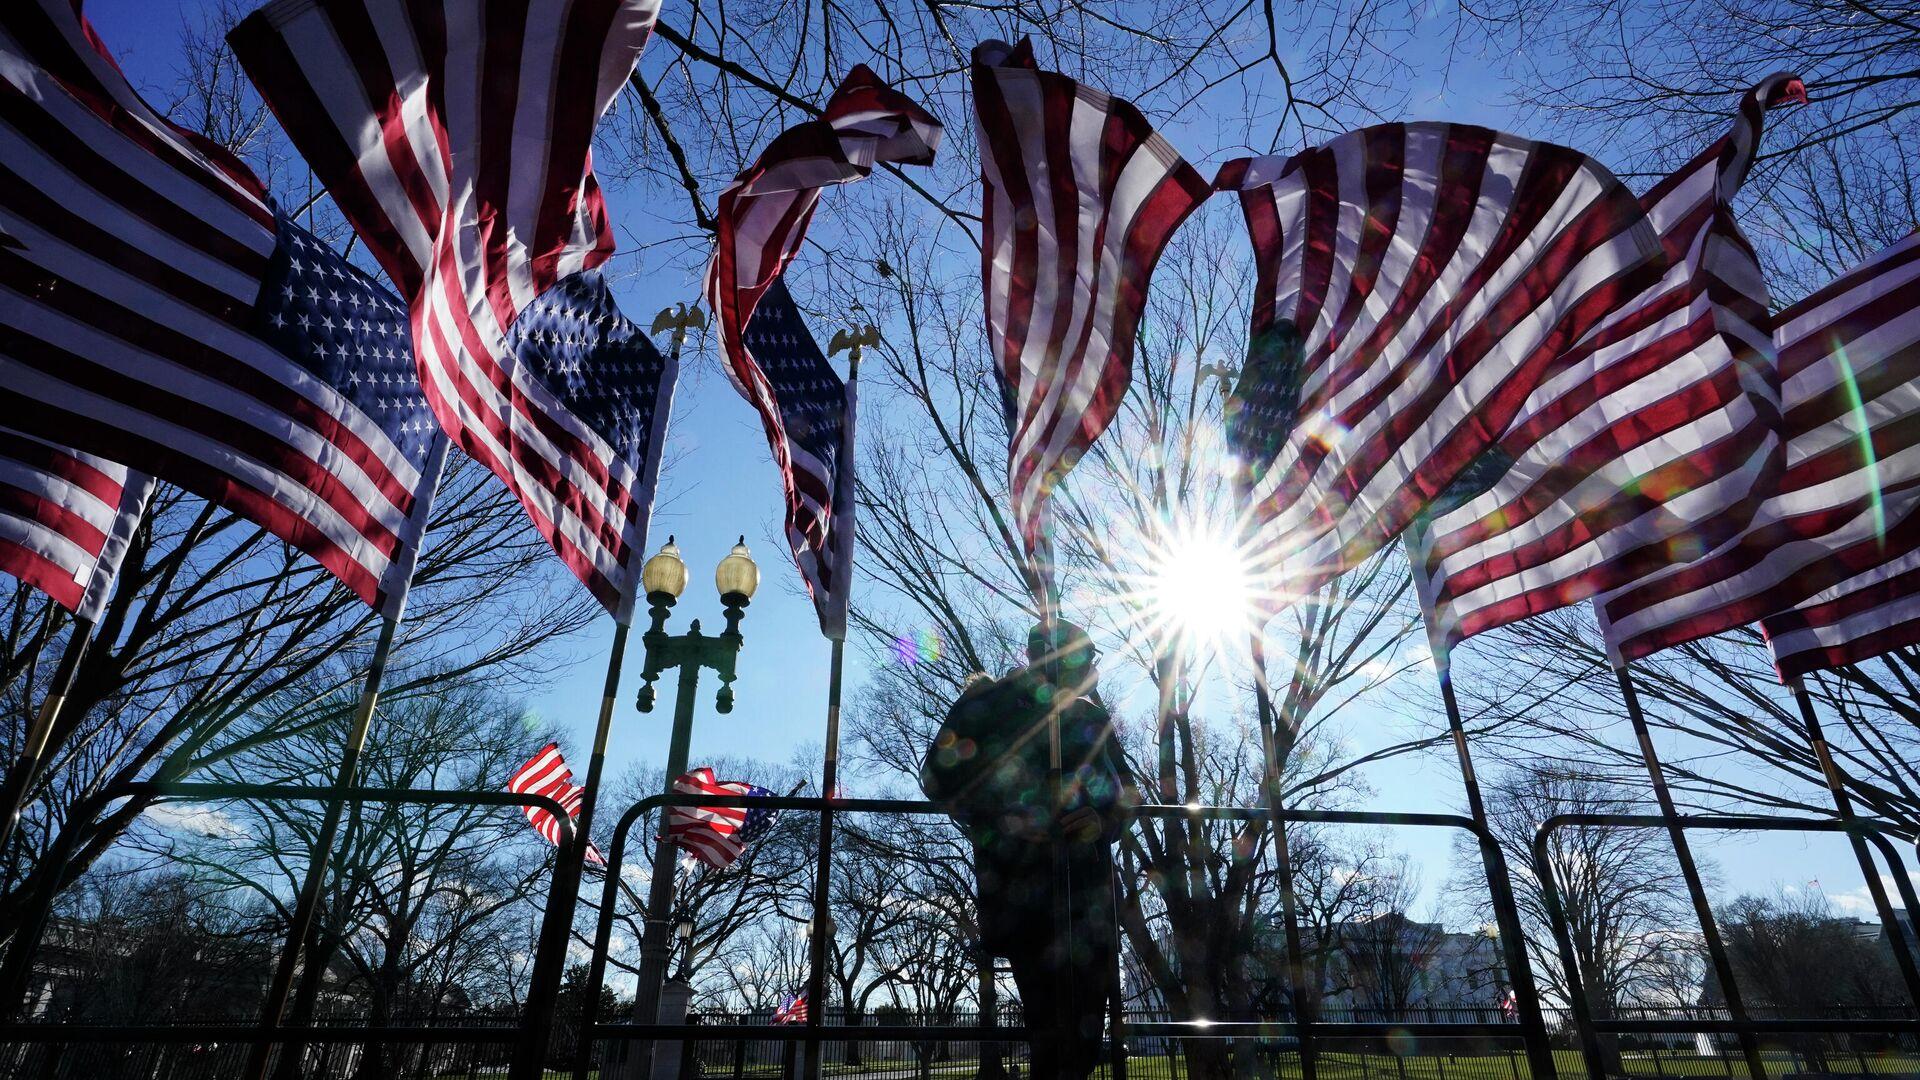 Рабочий устанавливает американские флаги в Вашингтоне - РИА Новости, 1920, 02.03.2021